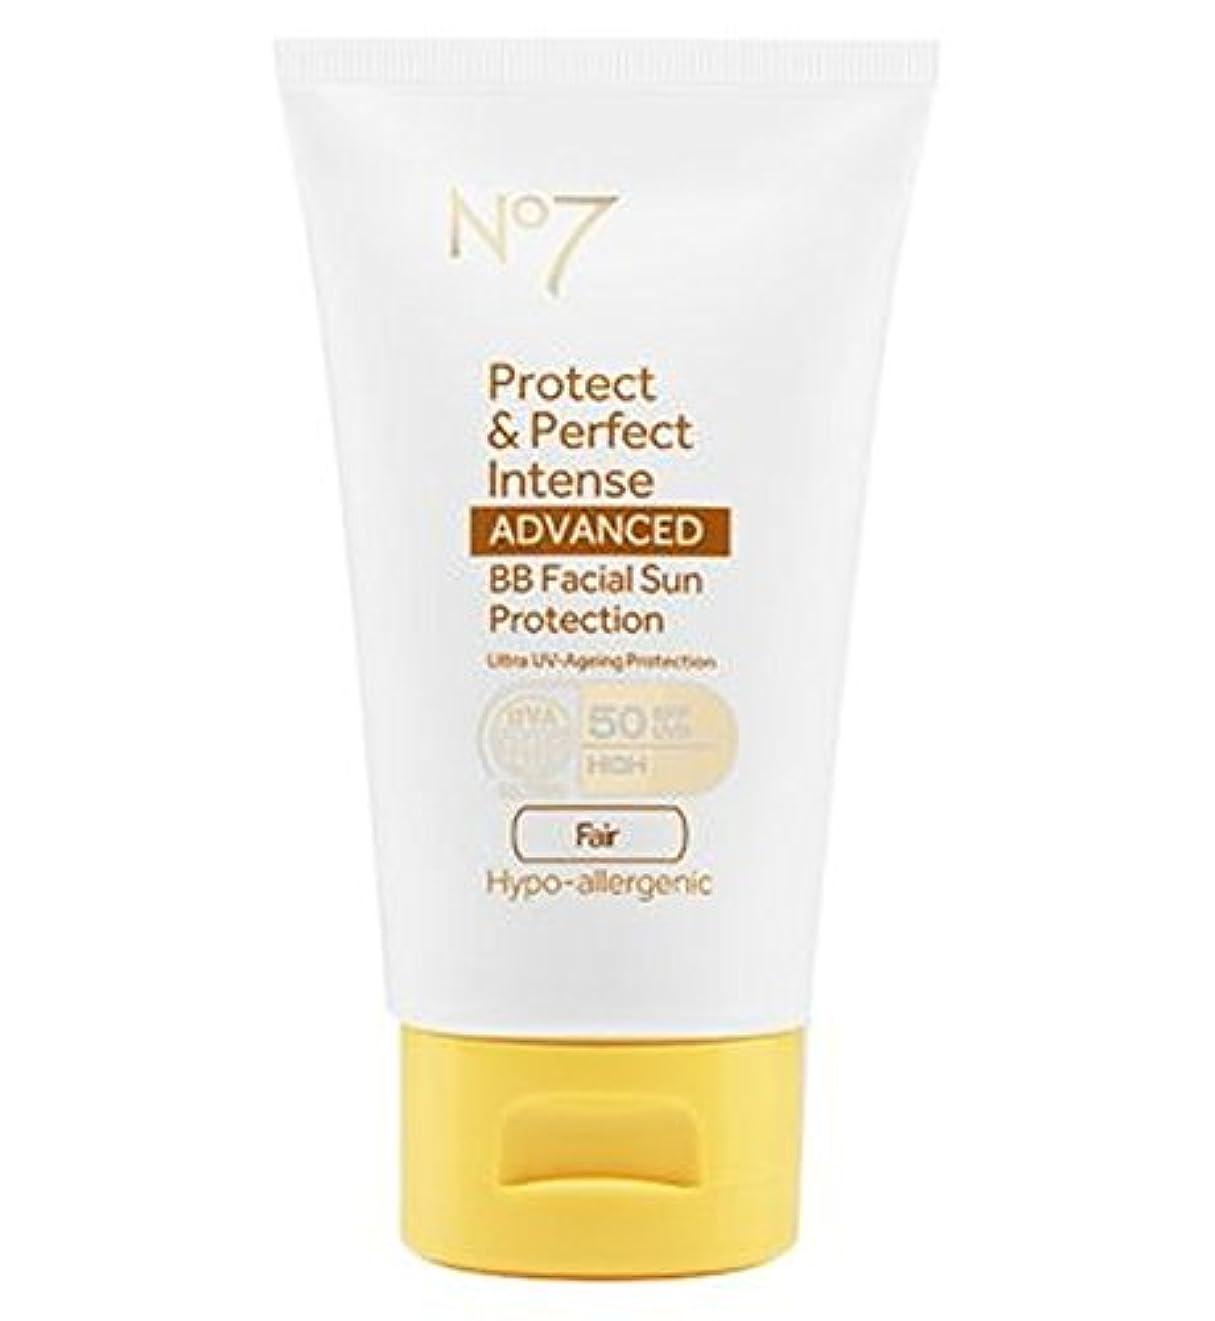 疫病生きるガイドラインNo7 Protect & Perfect Intense ADVANCED BB Facial Sun Protection SPF50 Fair 50ml - No7保護&完璧な強烈な先進Bb顔の日焼け防止Spf50...